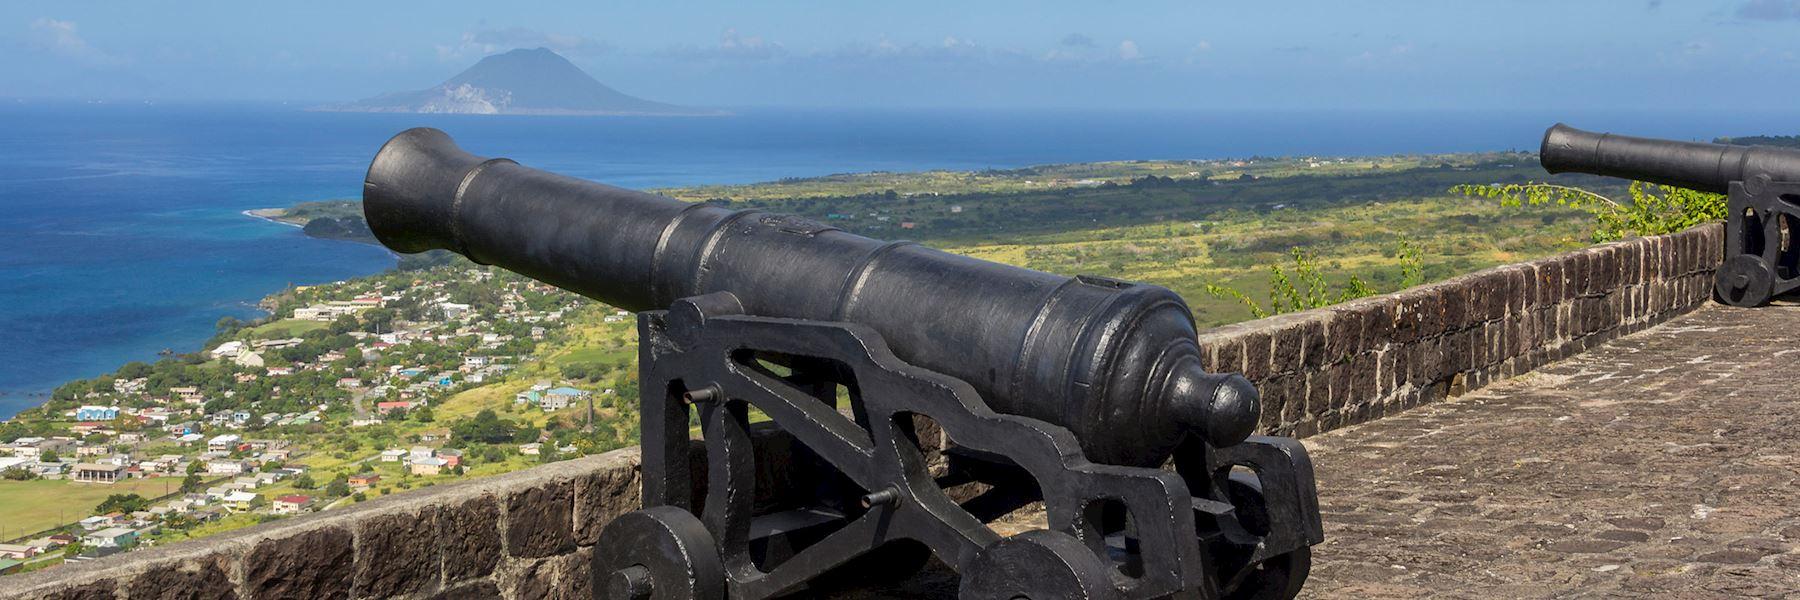 Saint Kitts and Nevis holidays